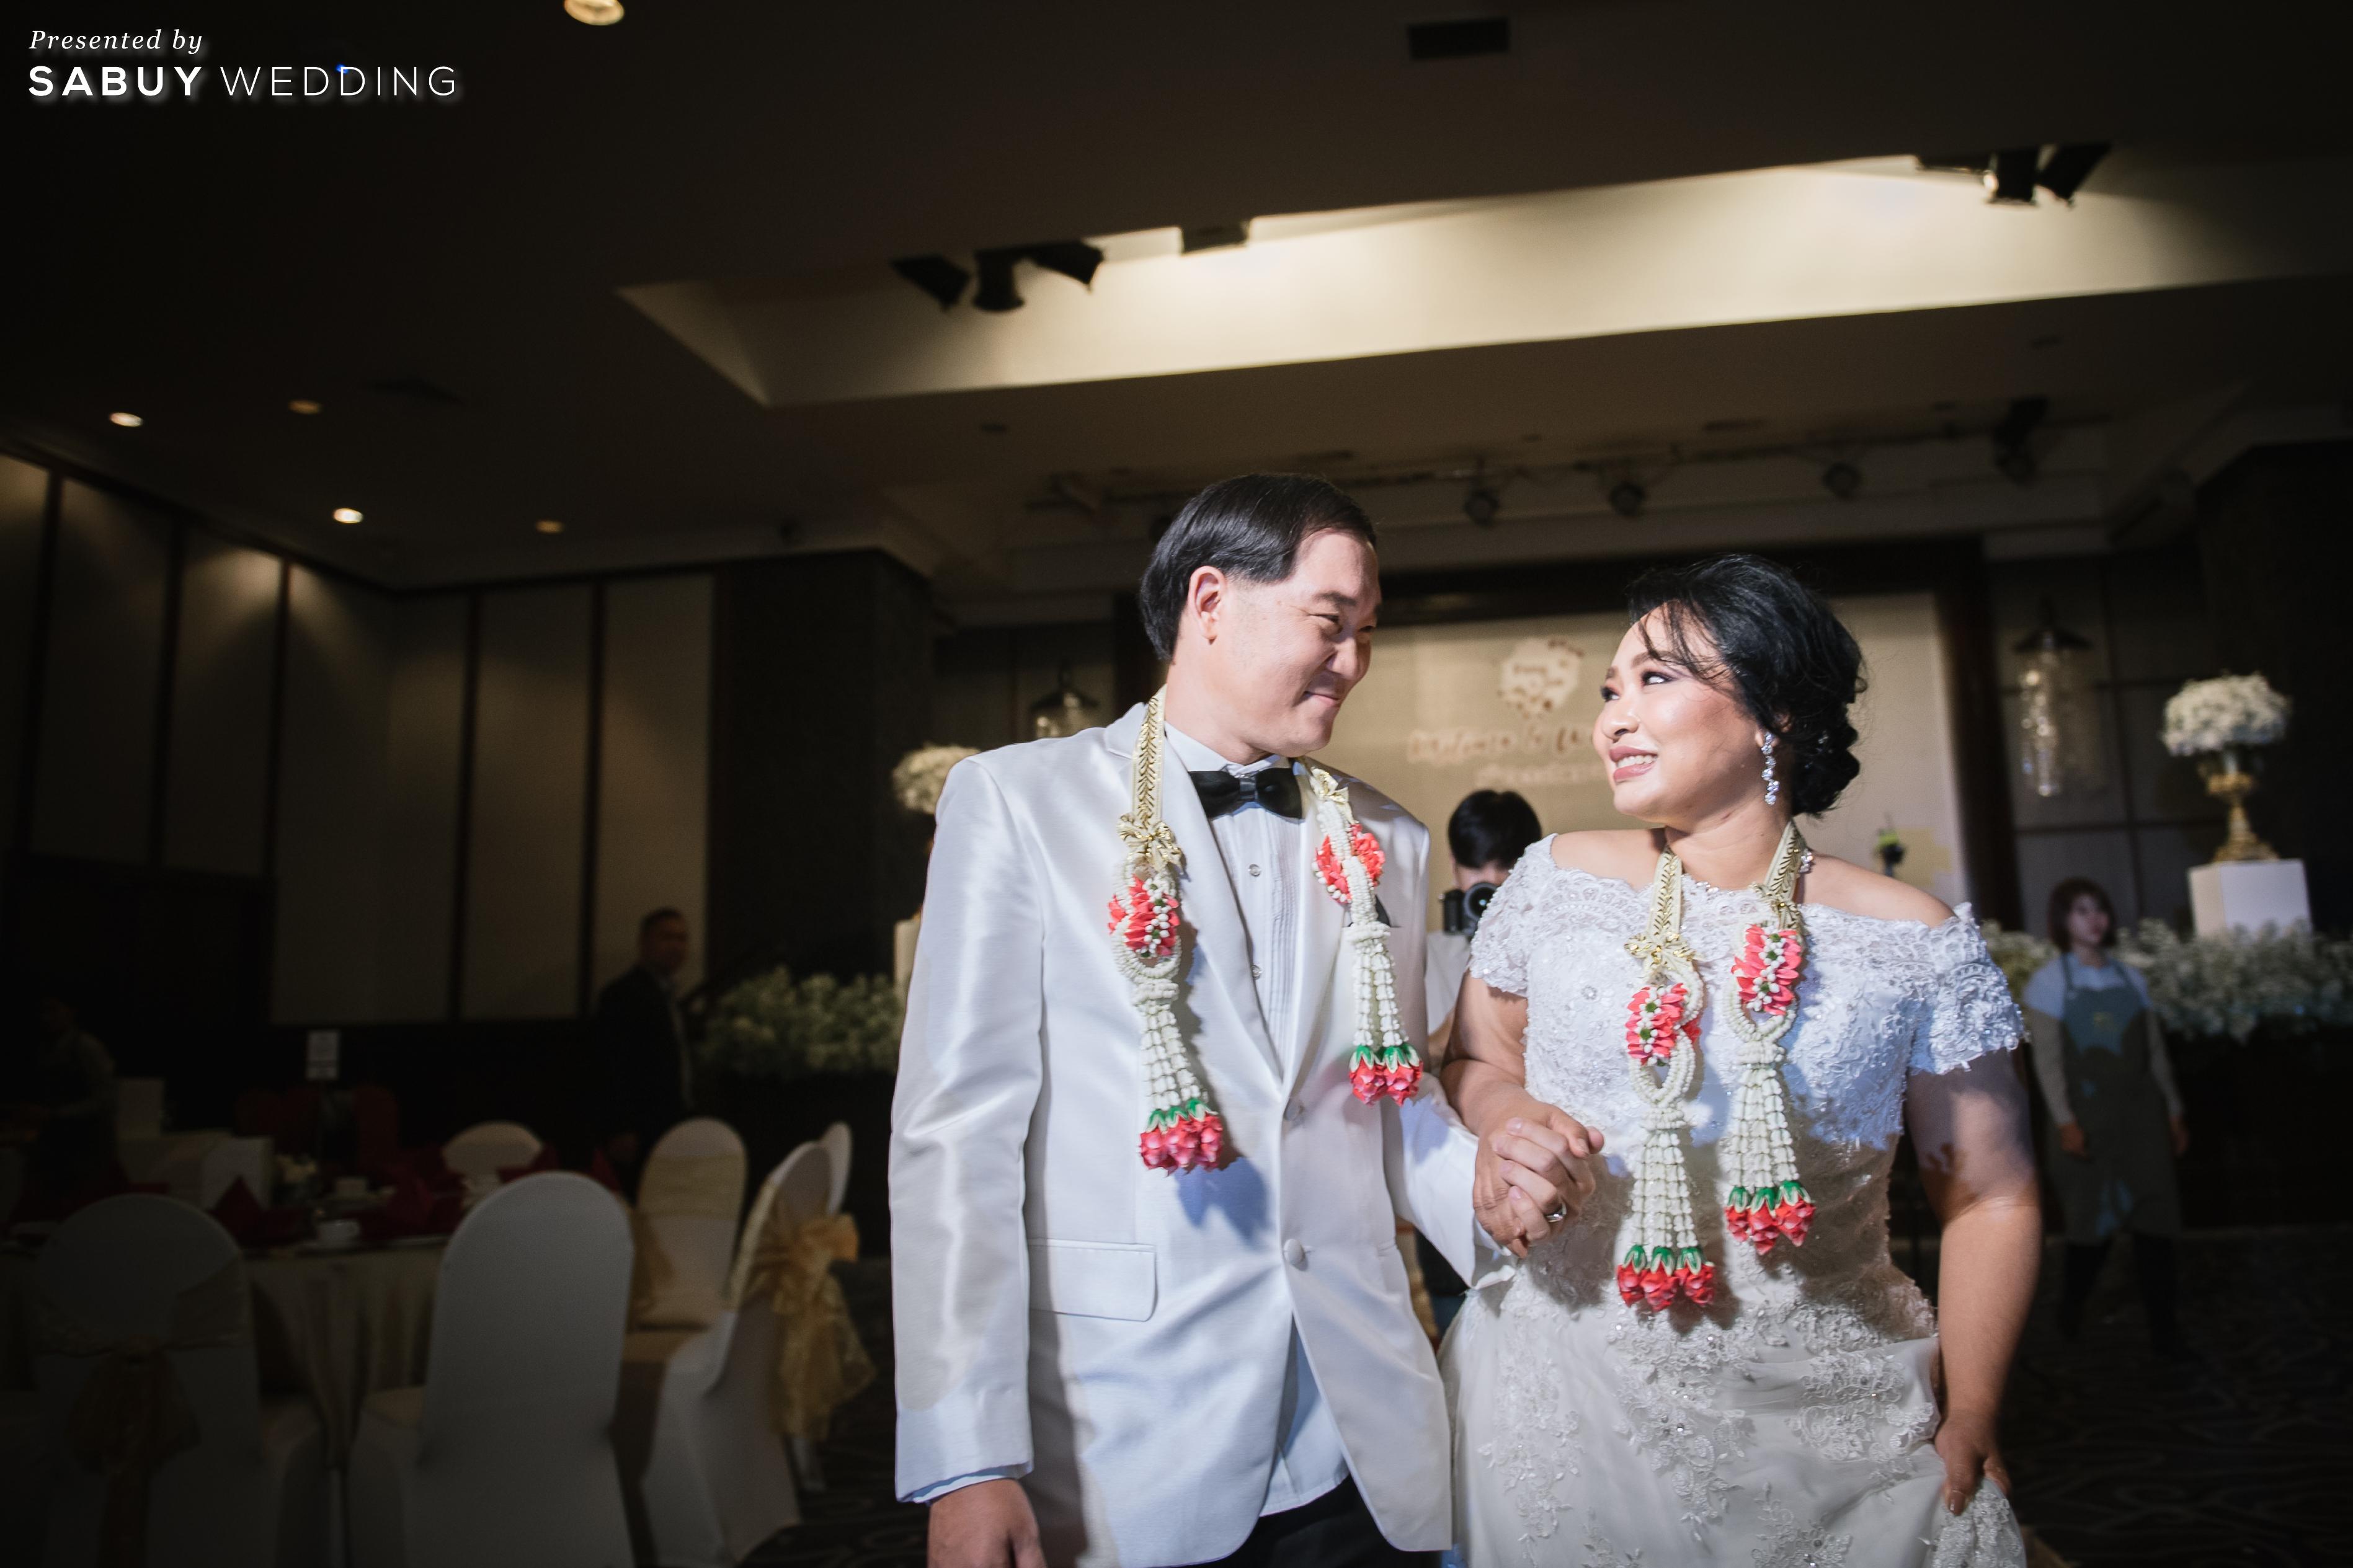 พวงมาลัยคล้องคอ,ชุดแต่งงาน,สถานที่แต่งงาน รีวิวงานแต่งสุดคลาสสิก กับกิมมิคแจกของรางวัล @ Narai Hotel